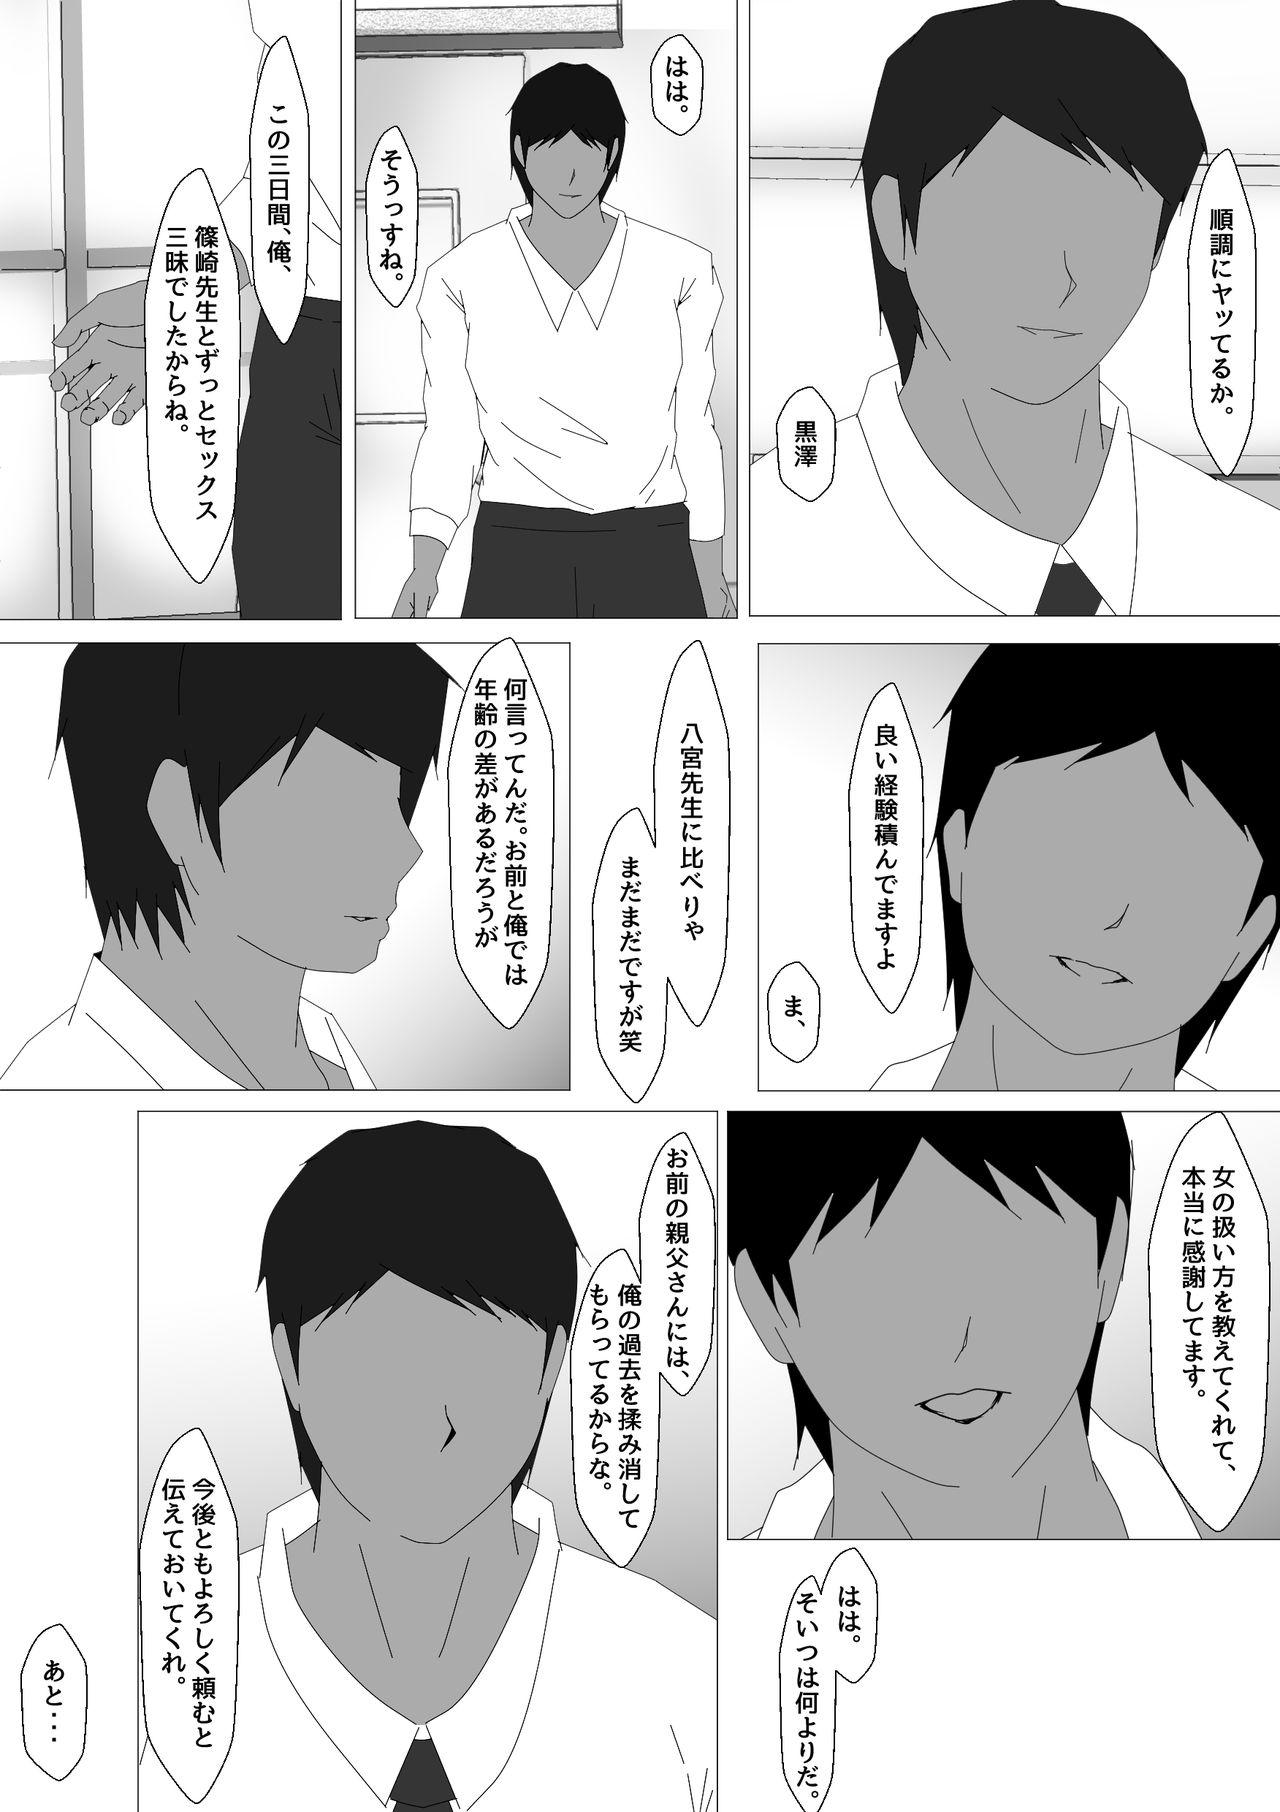 Onna Kyoushi Shinozaki Rin no Choukyou Kiroku 129